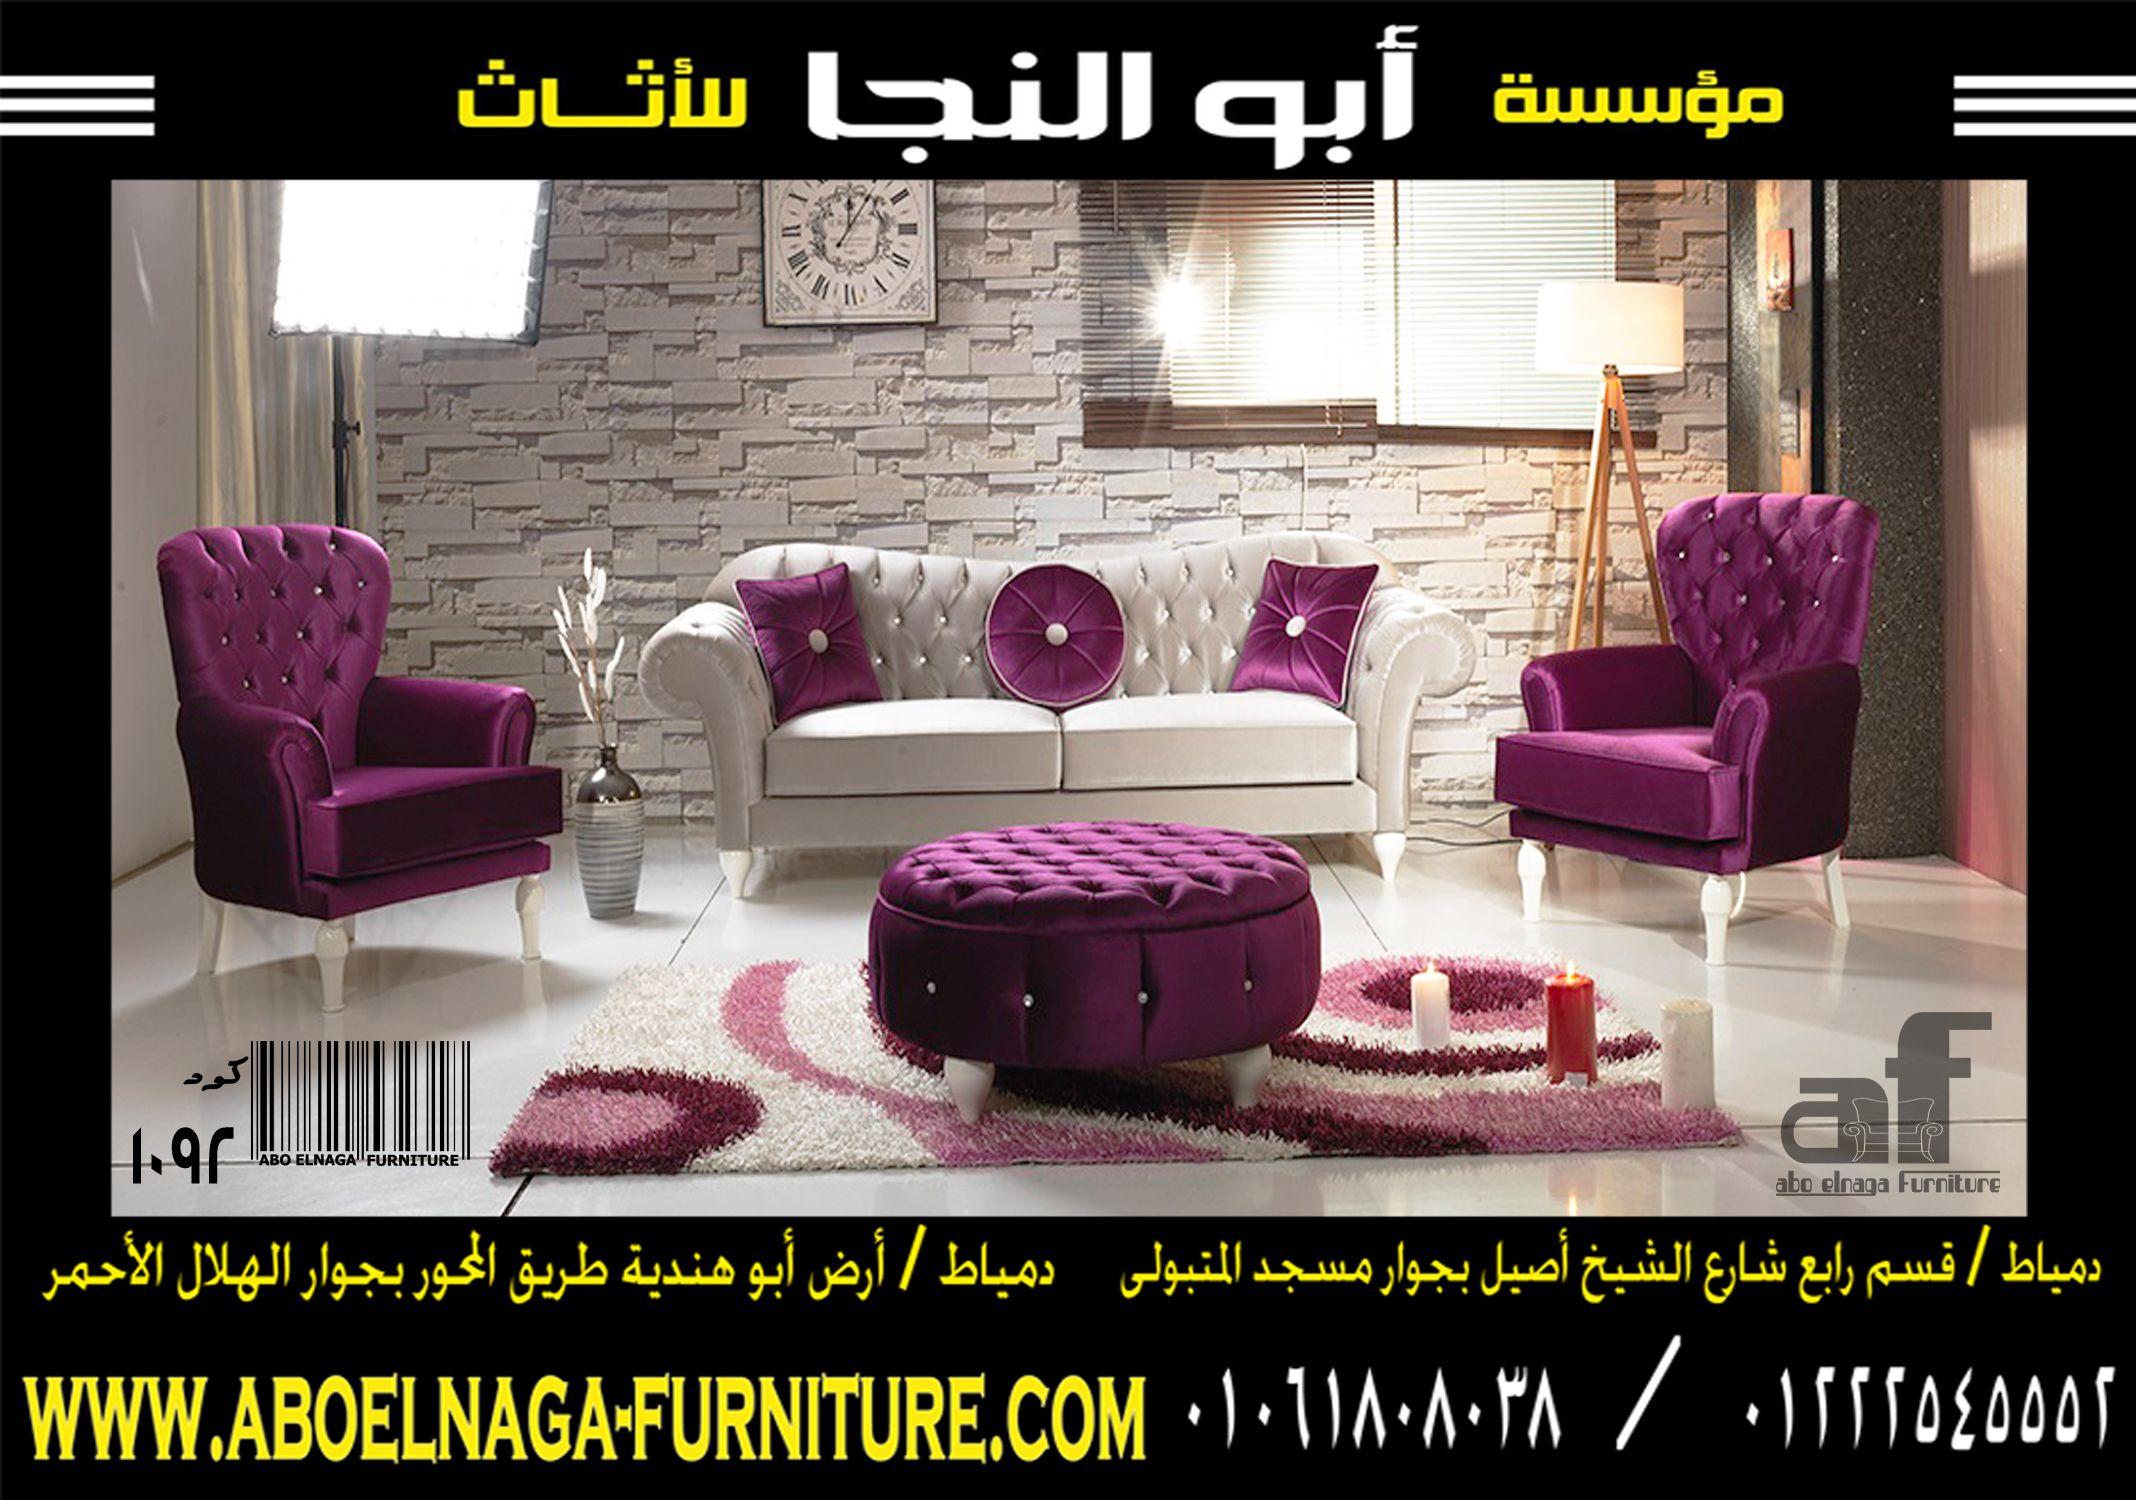 خليك مختلف عن الناس متبقيش نمطية وتقليدية زى باقى الناس اختارى الموديل اللى يعجبك و اللون اللى يرضى ذو Living Room Decor Blue Sofa Furniture Armchair Furniture